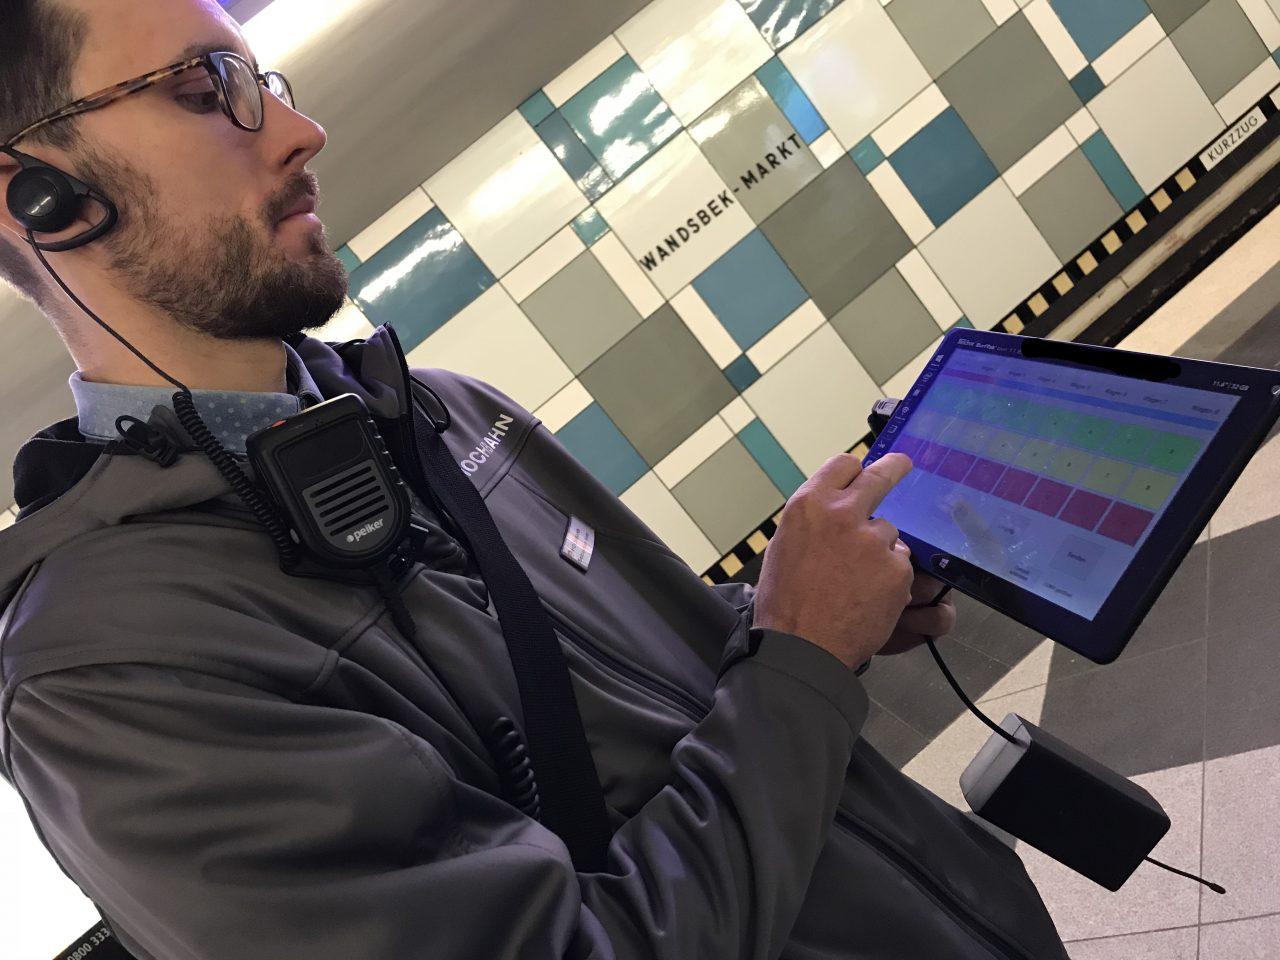 Tablet Platzampel Kollege steuert an